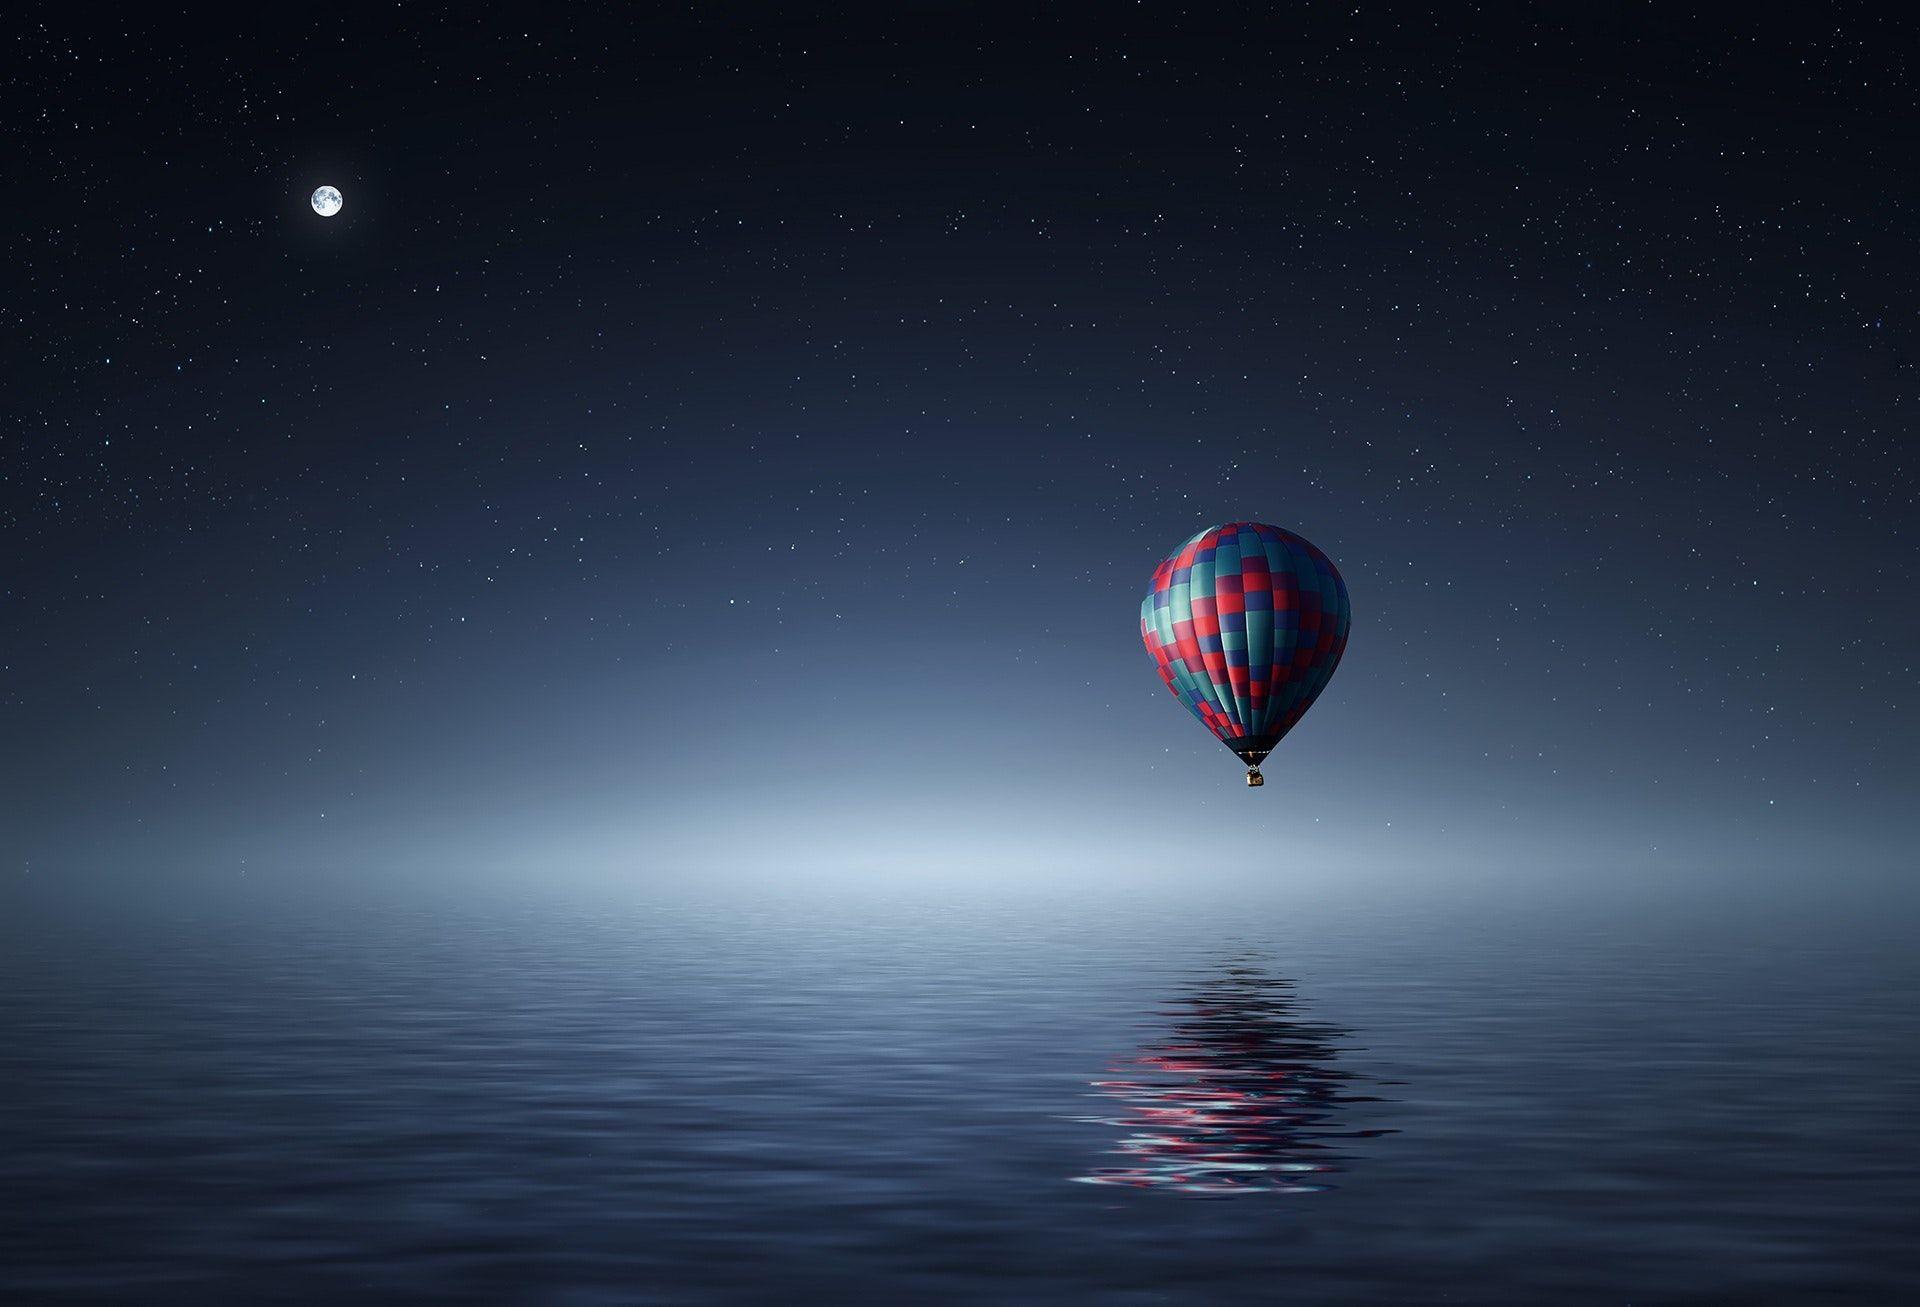 عکس زمینه بالون شناور در هوا روی آب در شب پس زمینه